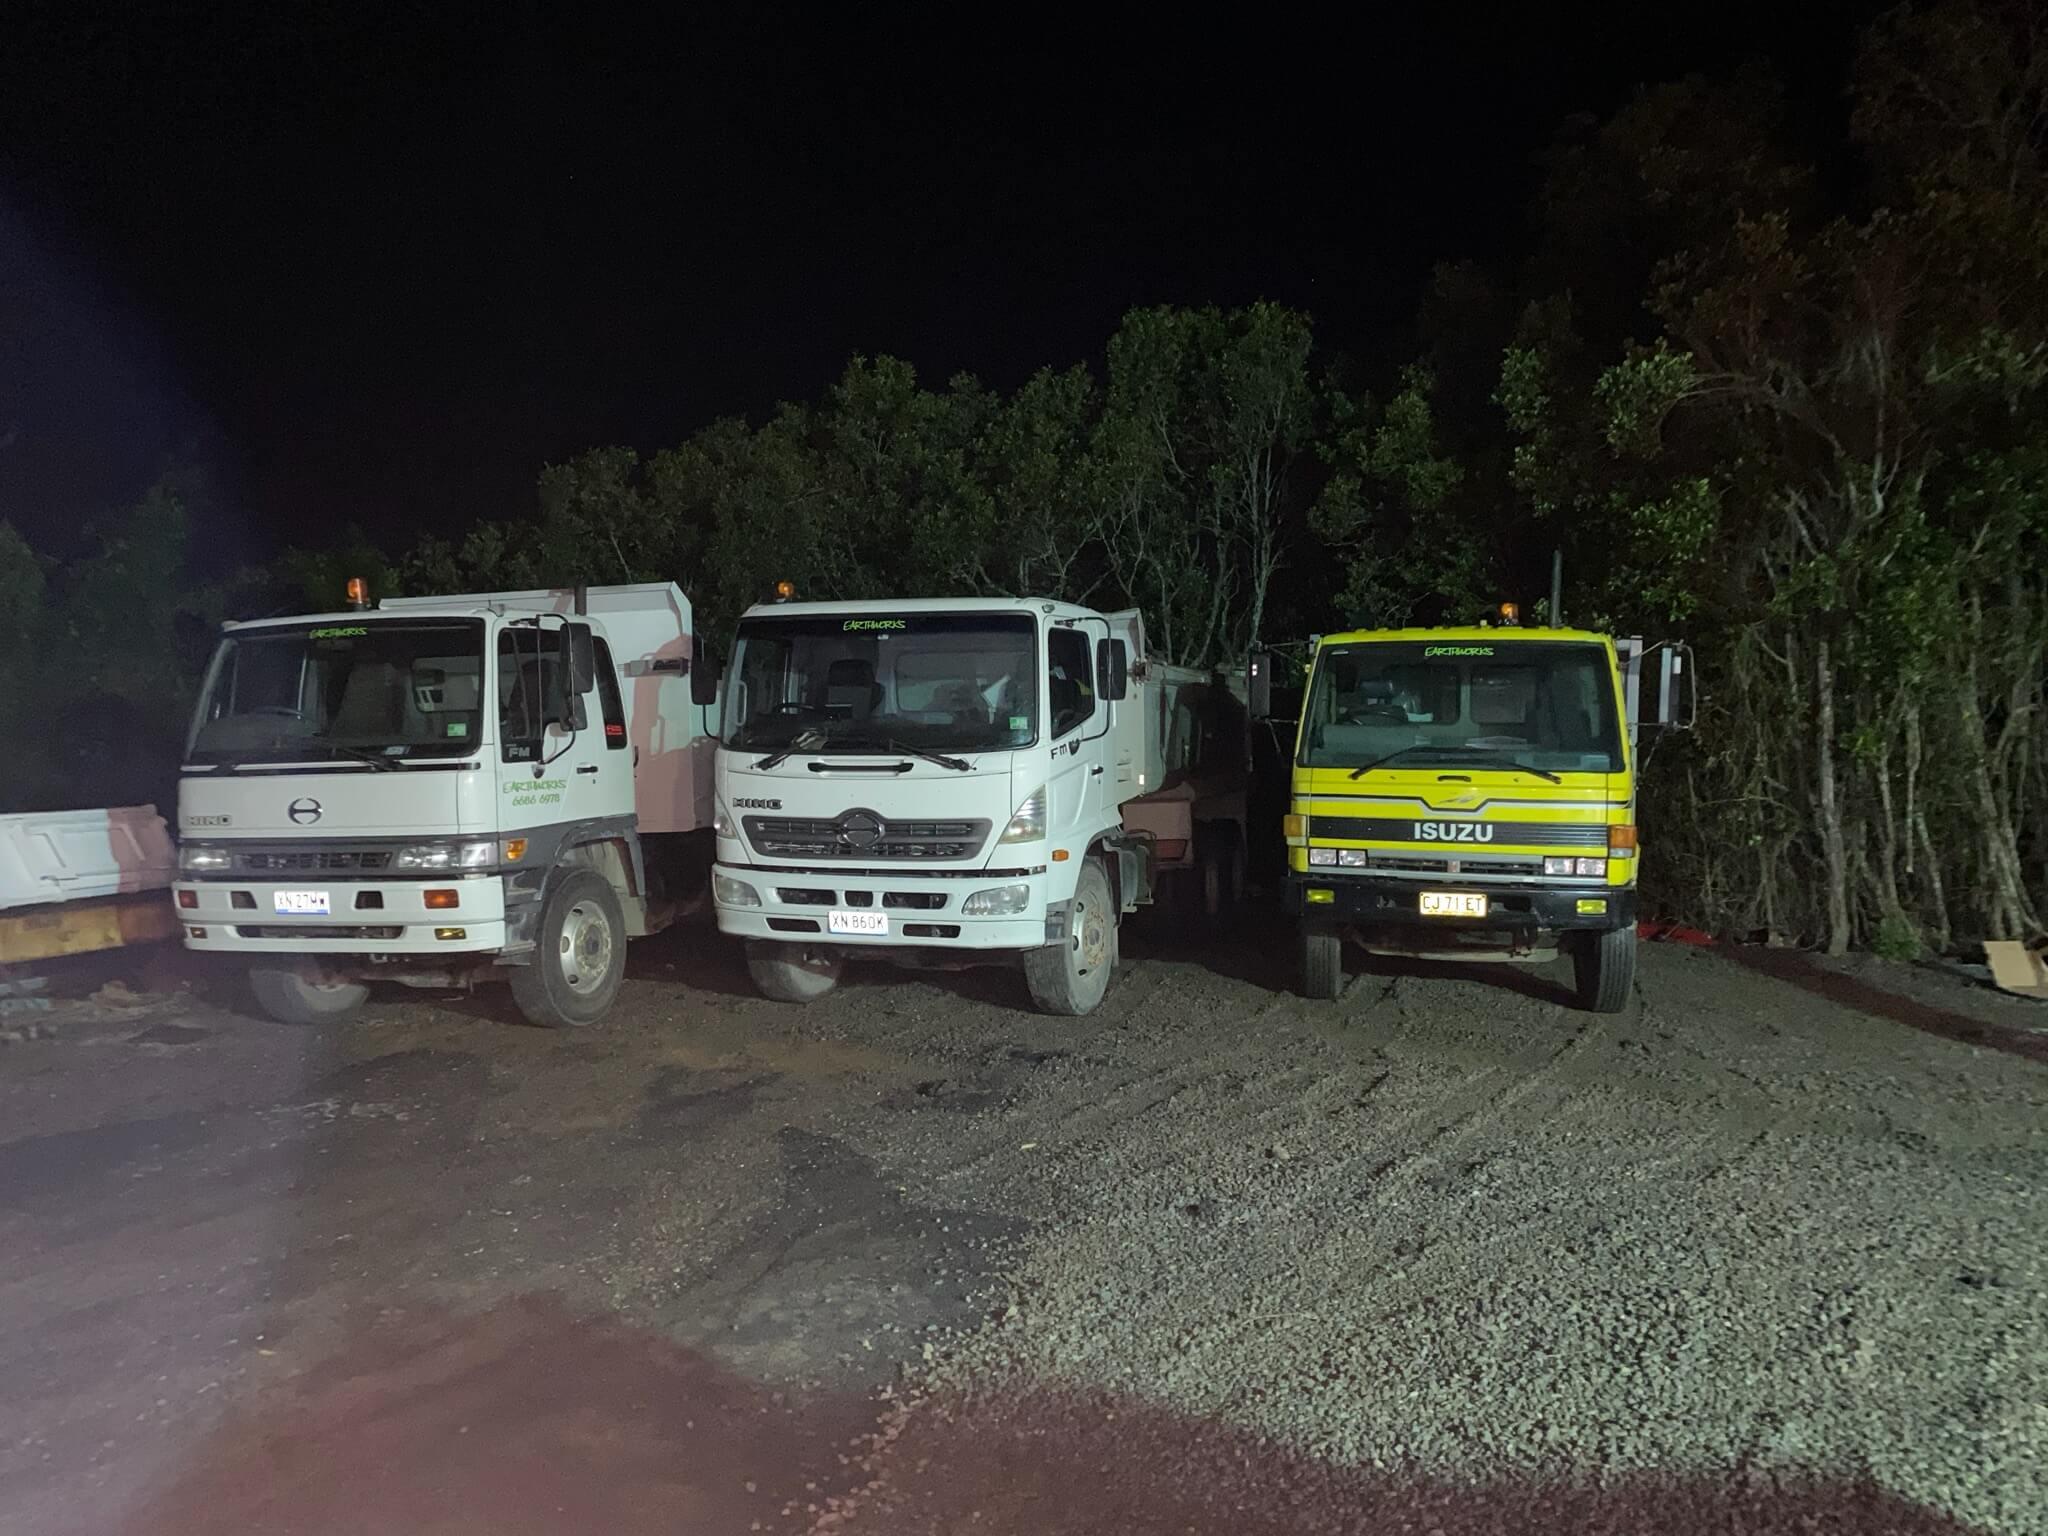 night trucks